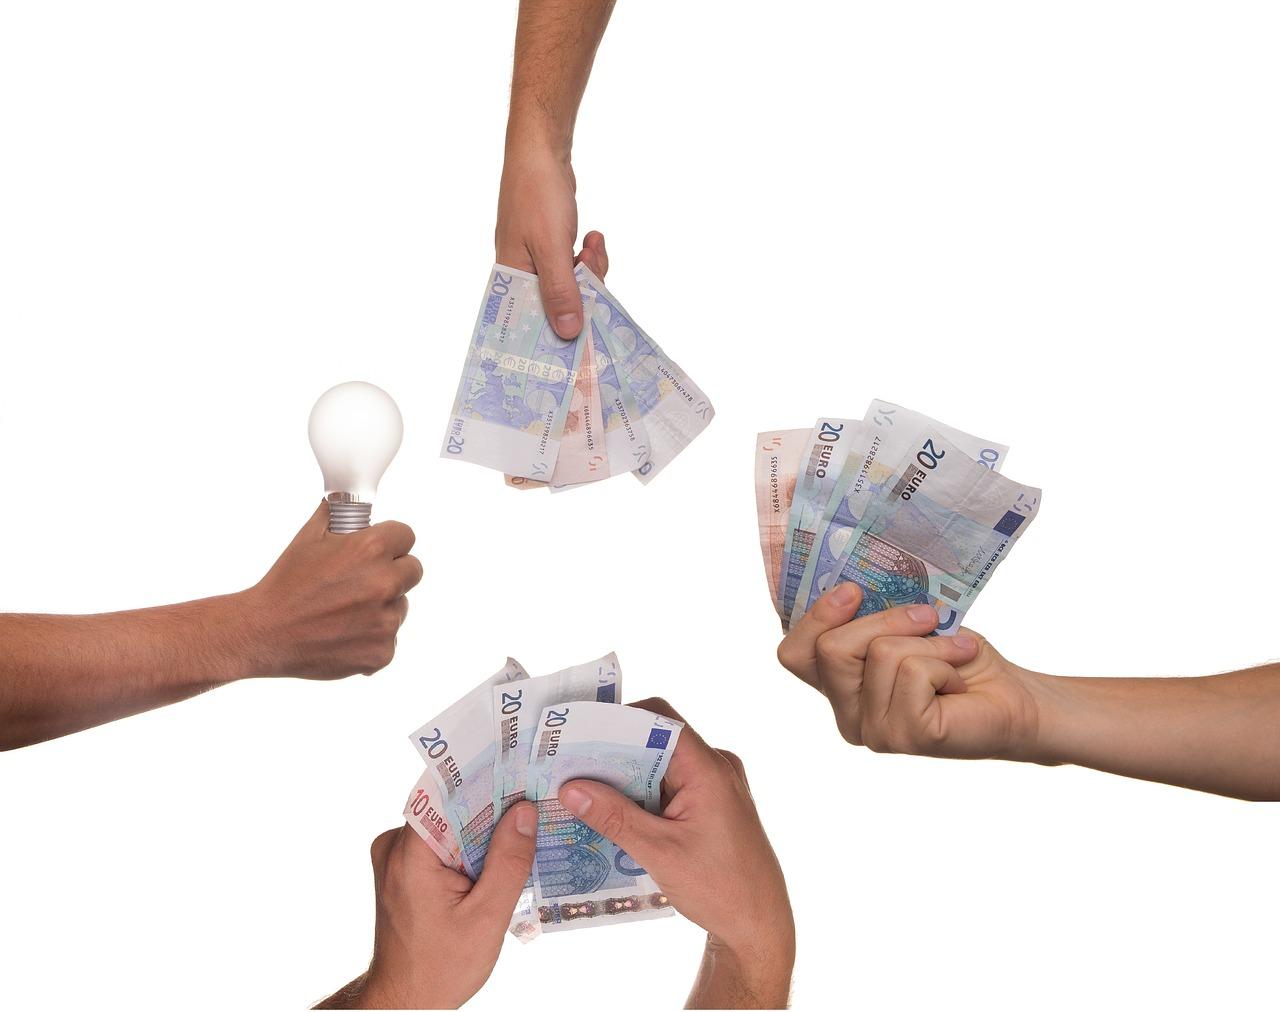 ಫೈನಾನ್ಸಿಯಲ್ ಫ್ರೀಡಂನ್ನು ಸಾಧಿಸುವುದು ಹೇಗೆ? How to achieve Financial Freedom?